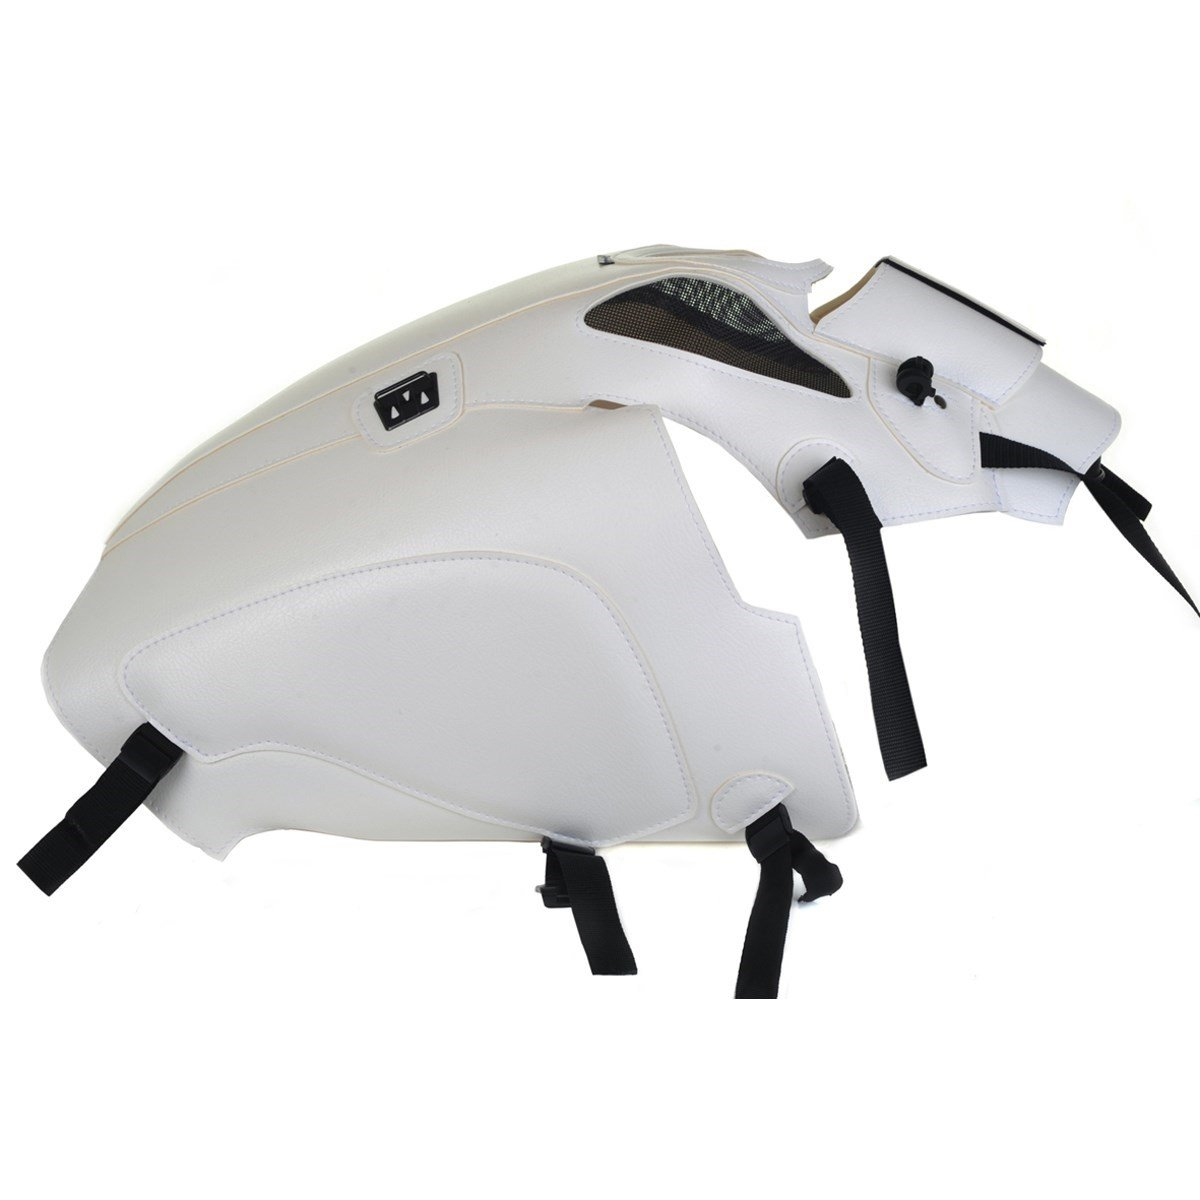 Bagster 1663b protection pour ré servoir